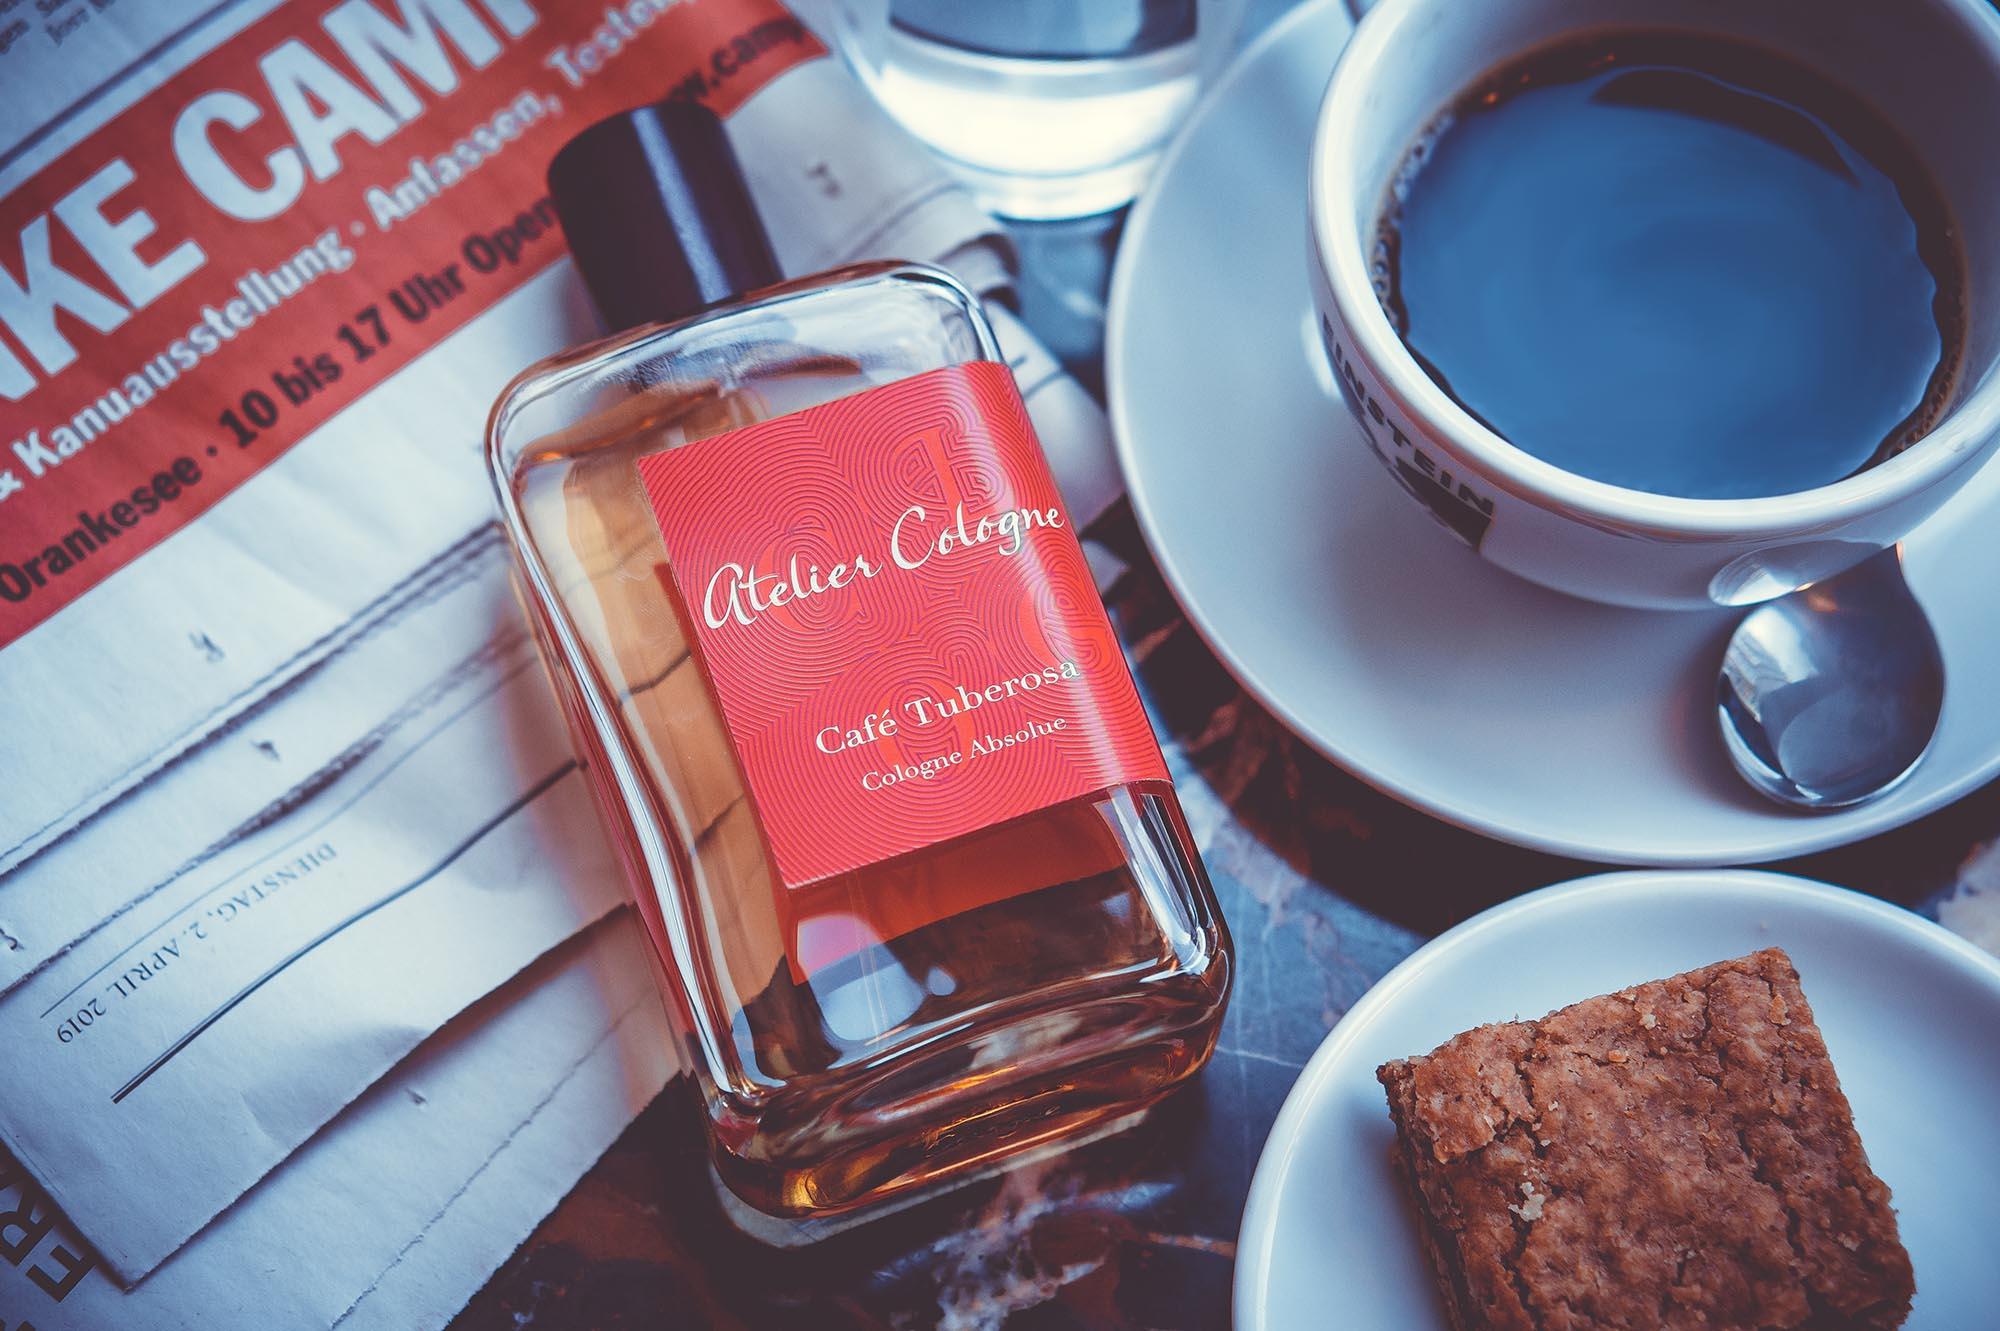 Fantastische Auszeit mit Cafe Tuberosa von Atelier Cologne